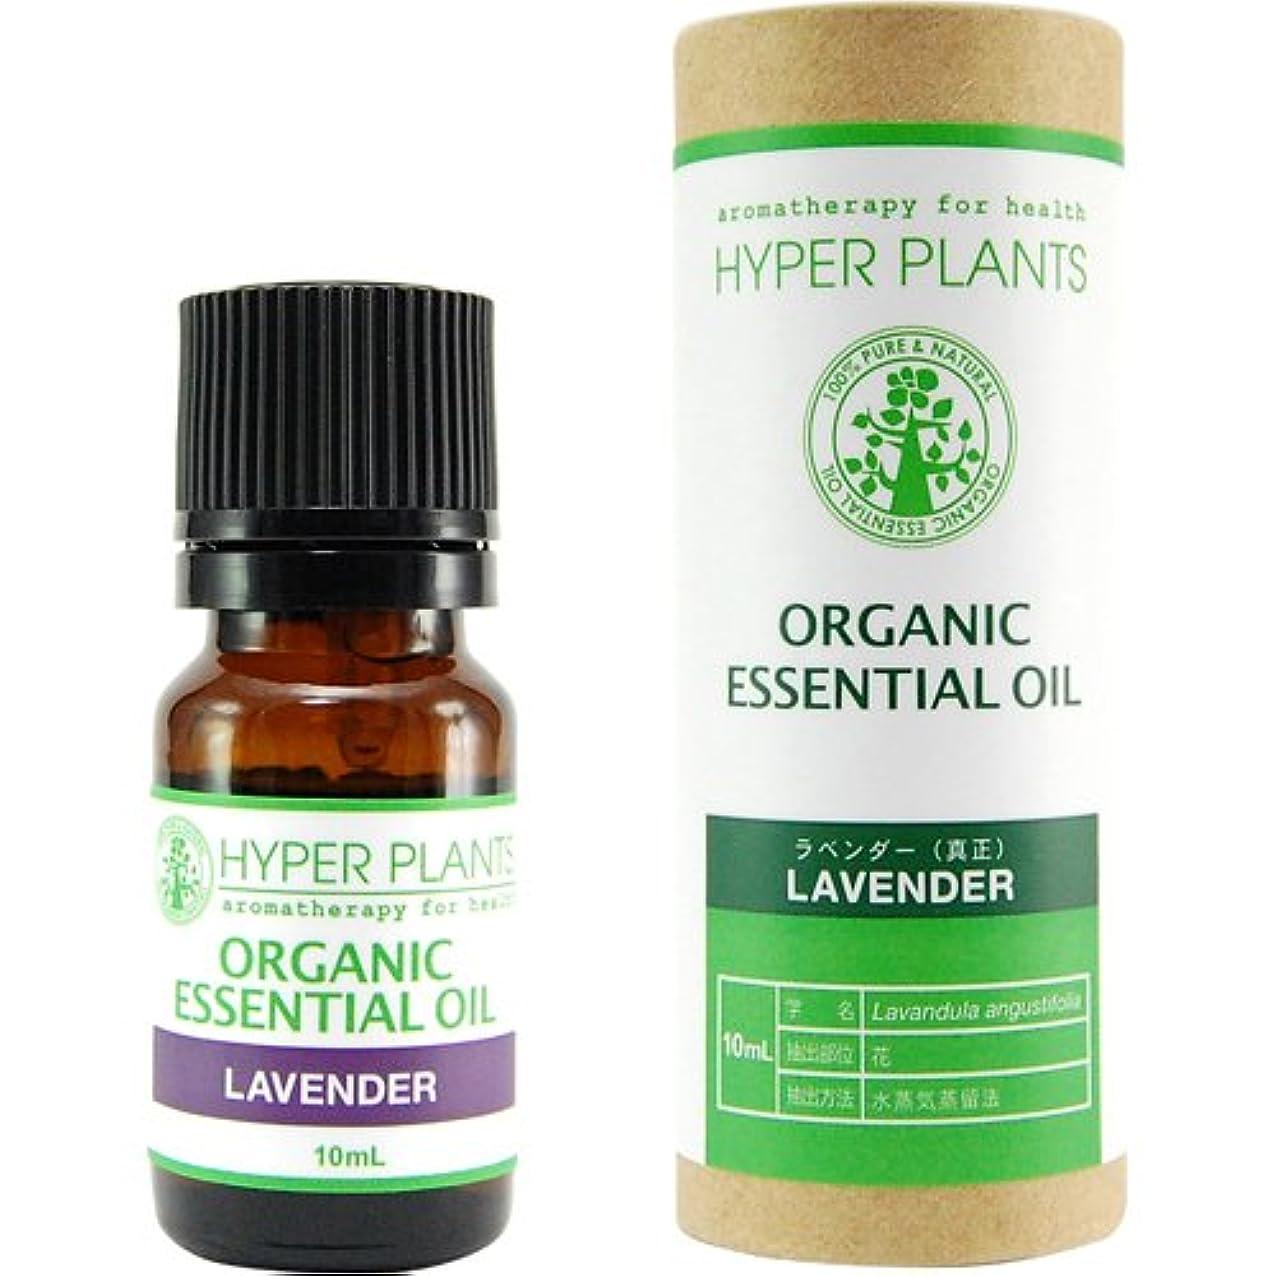 差し控える罹患率憧れHYPER PLANTS ハイパープランツ オーガニックエッセンシャルオイル ラベンダー(真正) 10ml HE0207